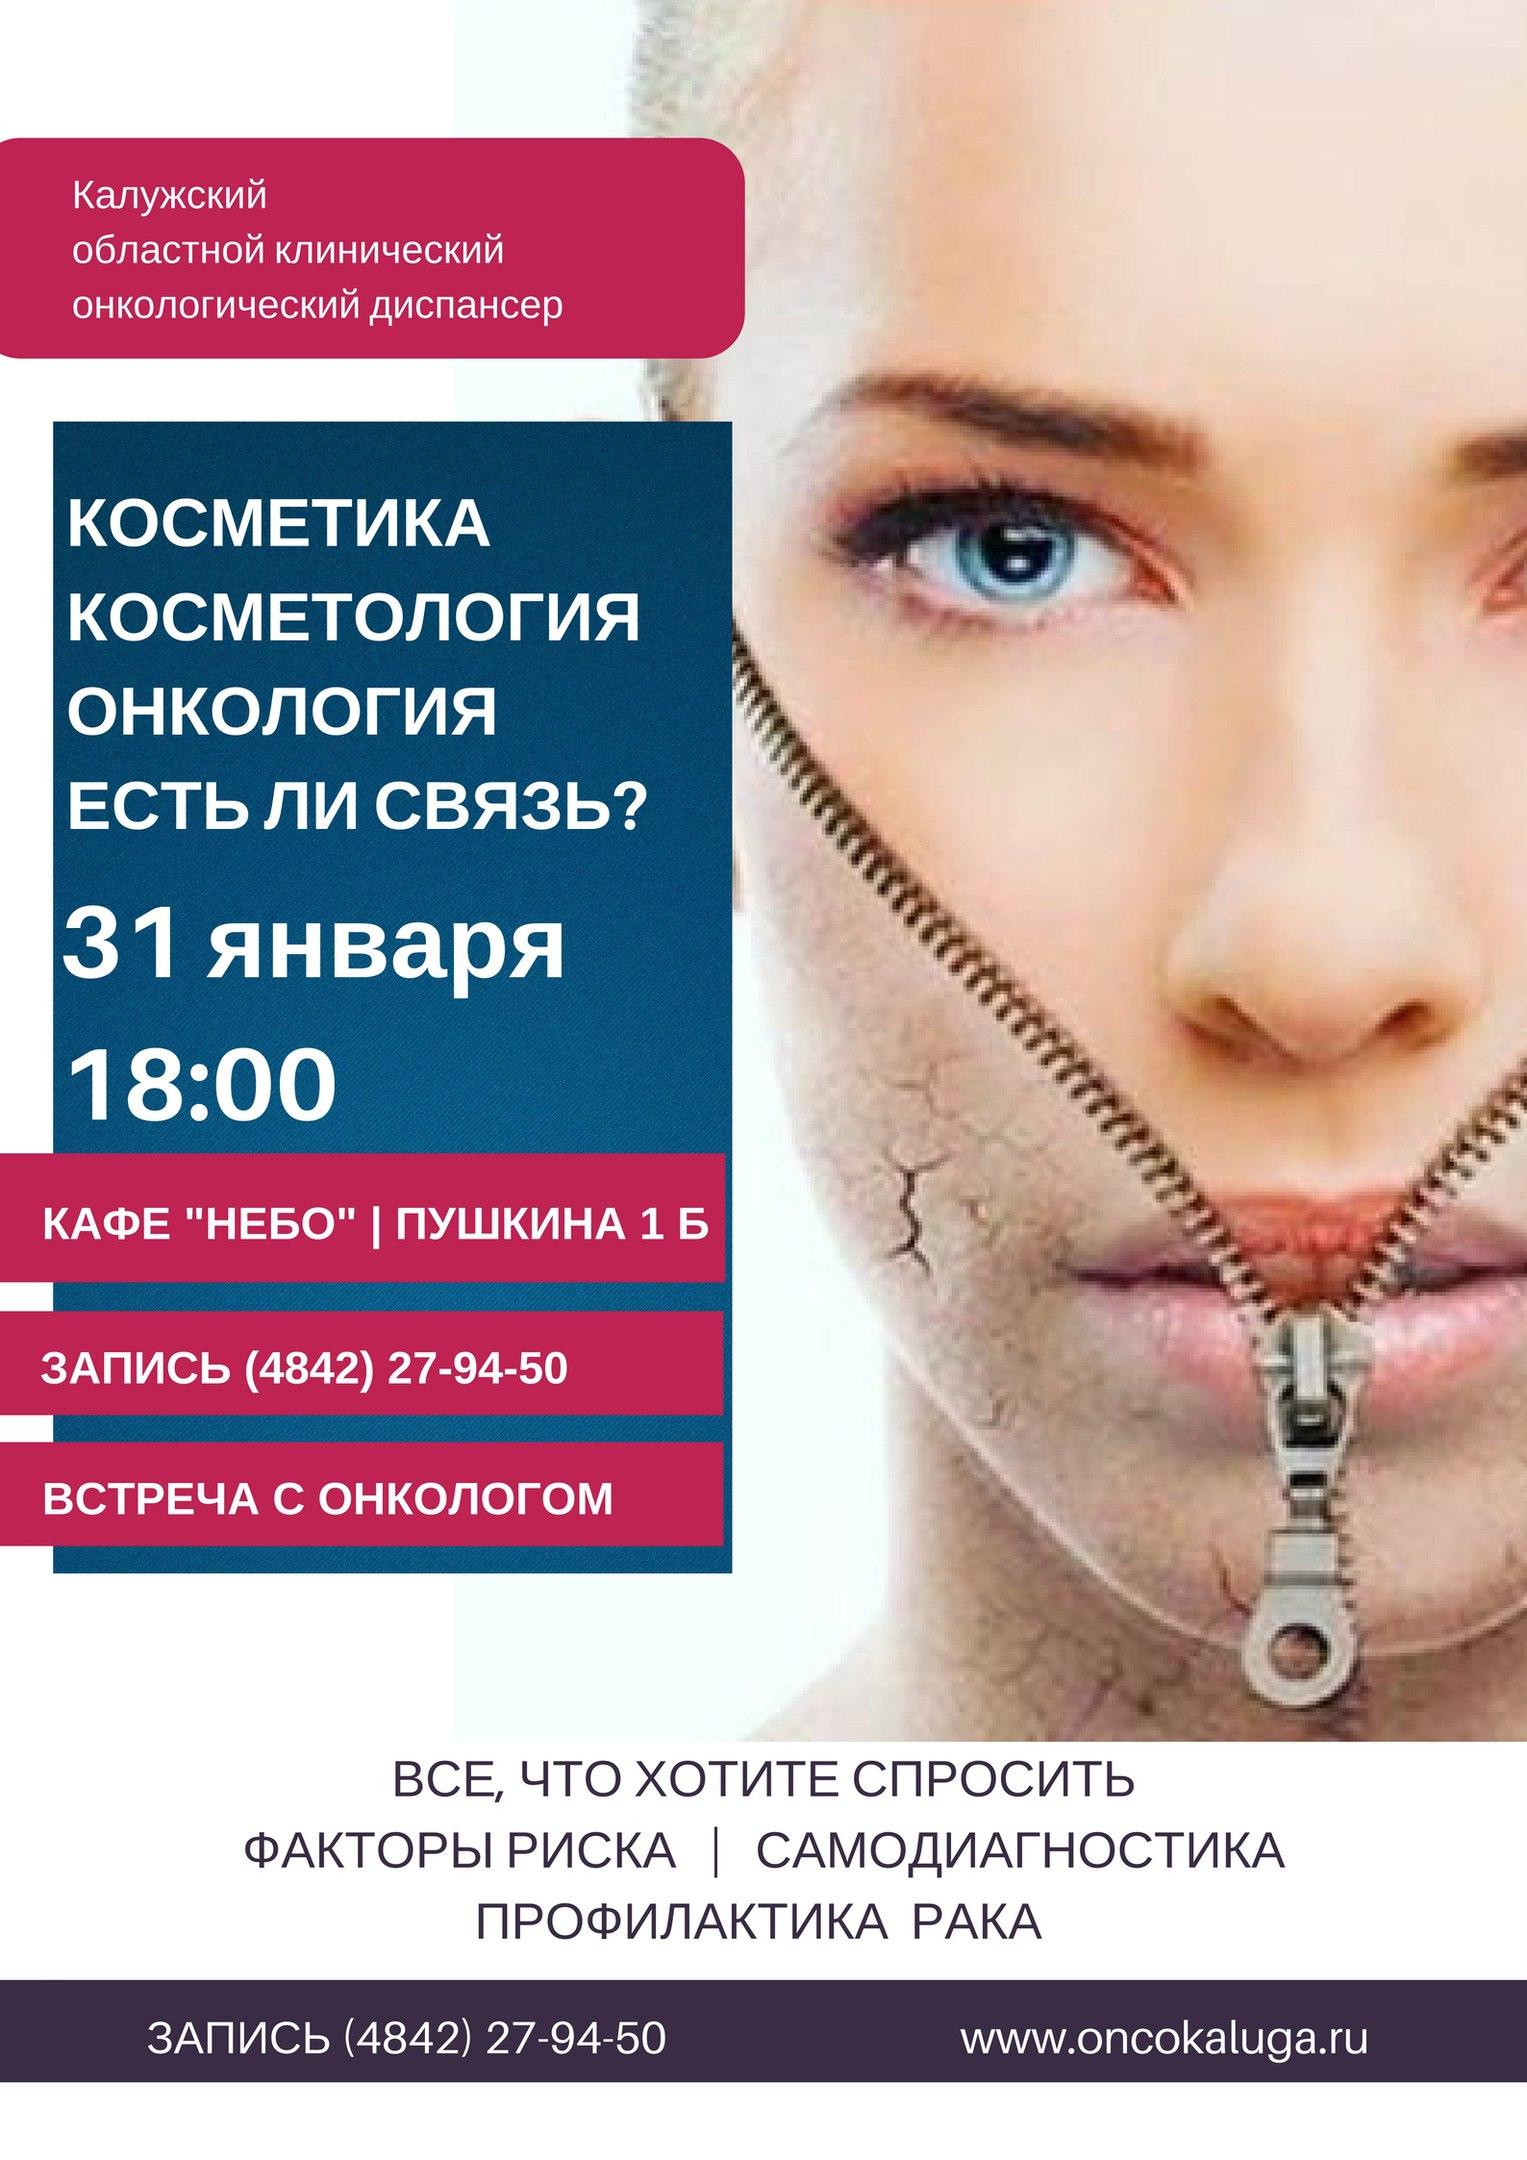 Беседа с онкологами о косметике и косметологии